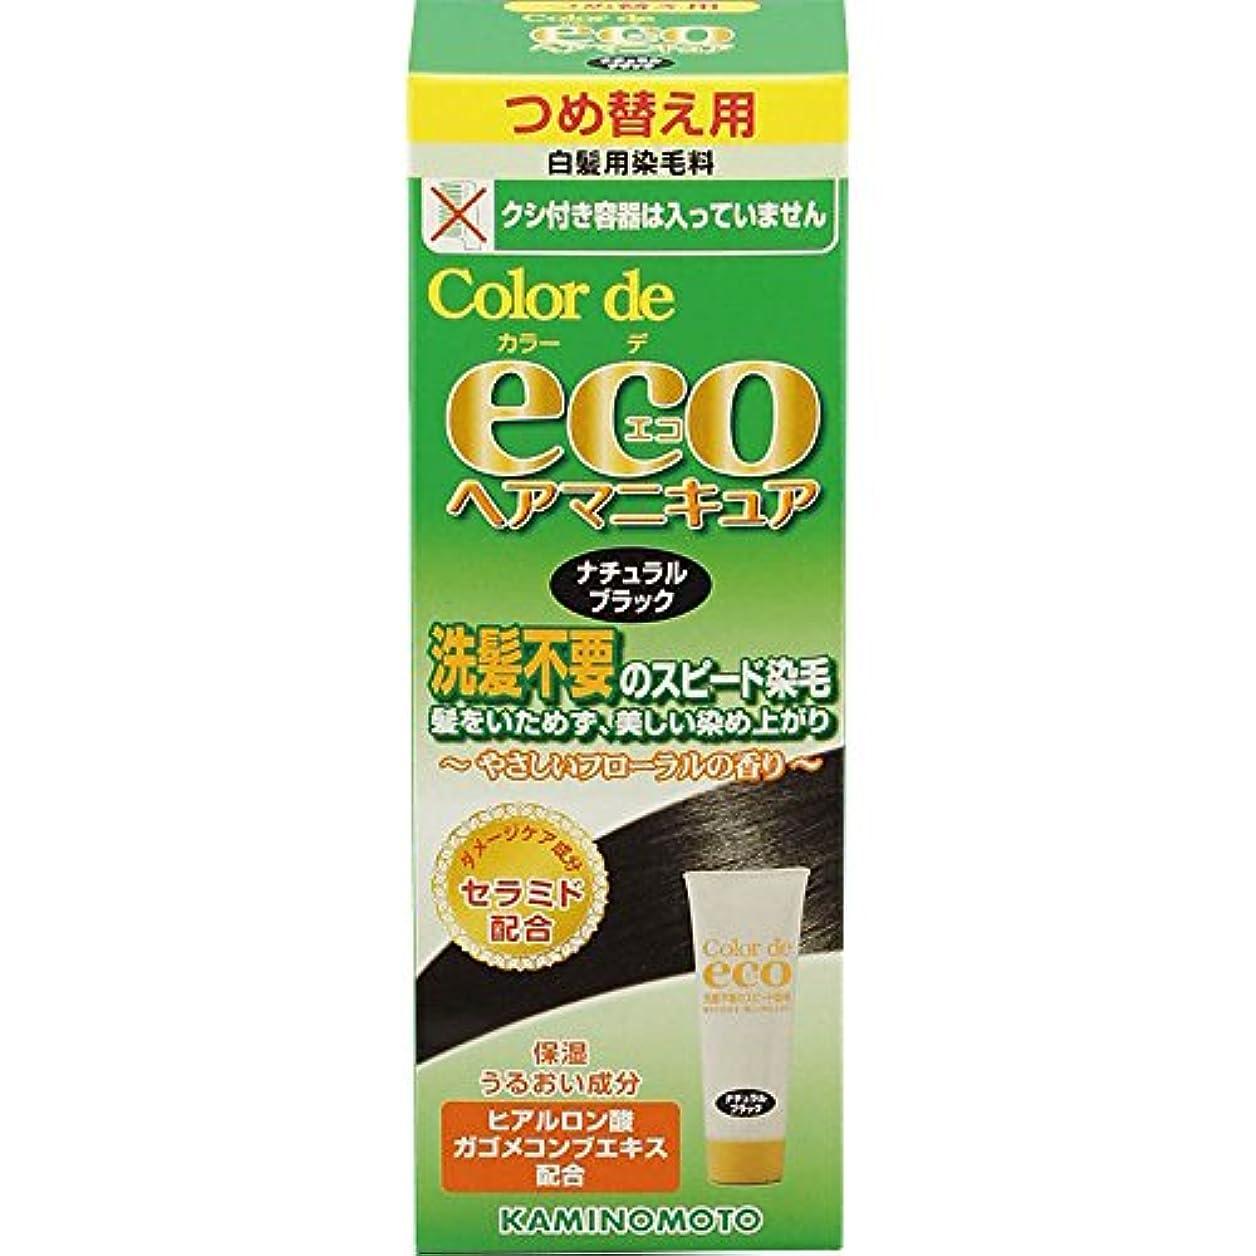 自発的アトミック水分加美乃素 カラー デ エコ 詰め替え ナチュラルブラック 70mL